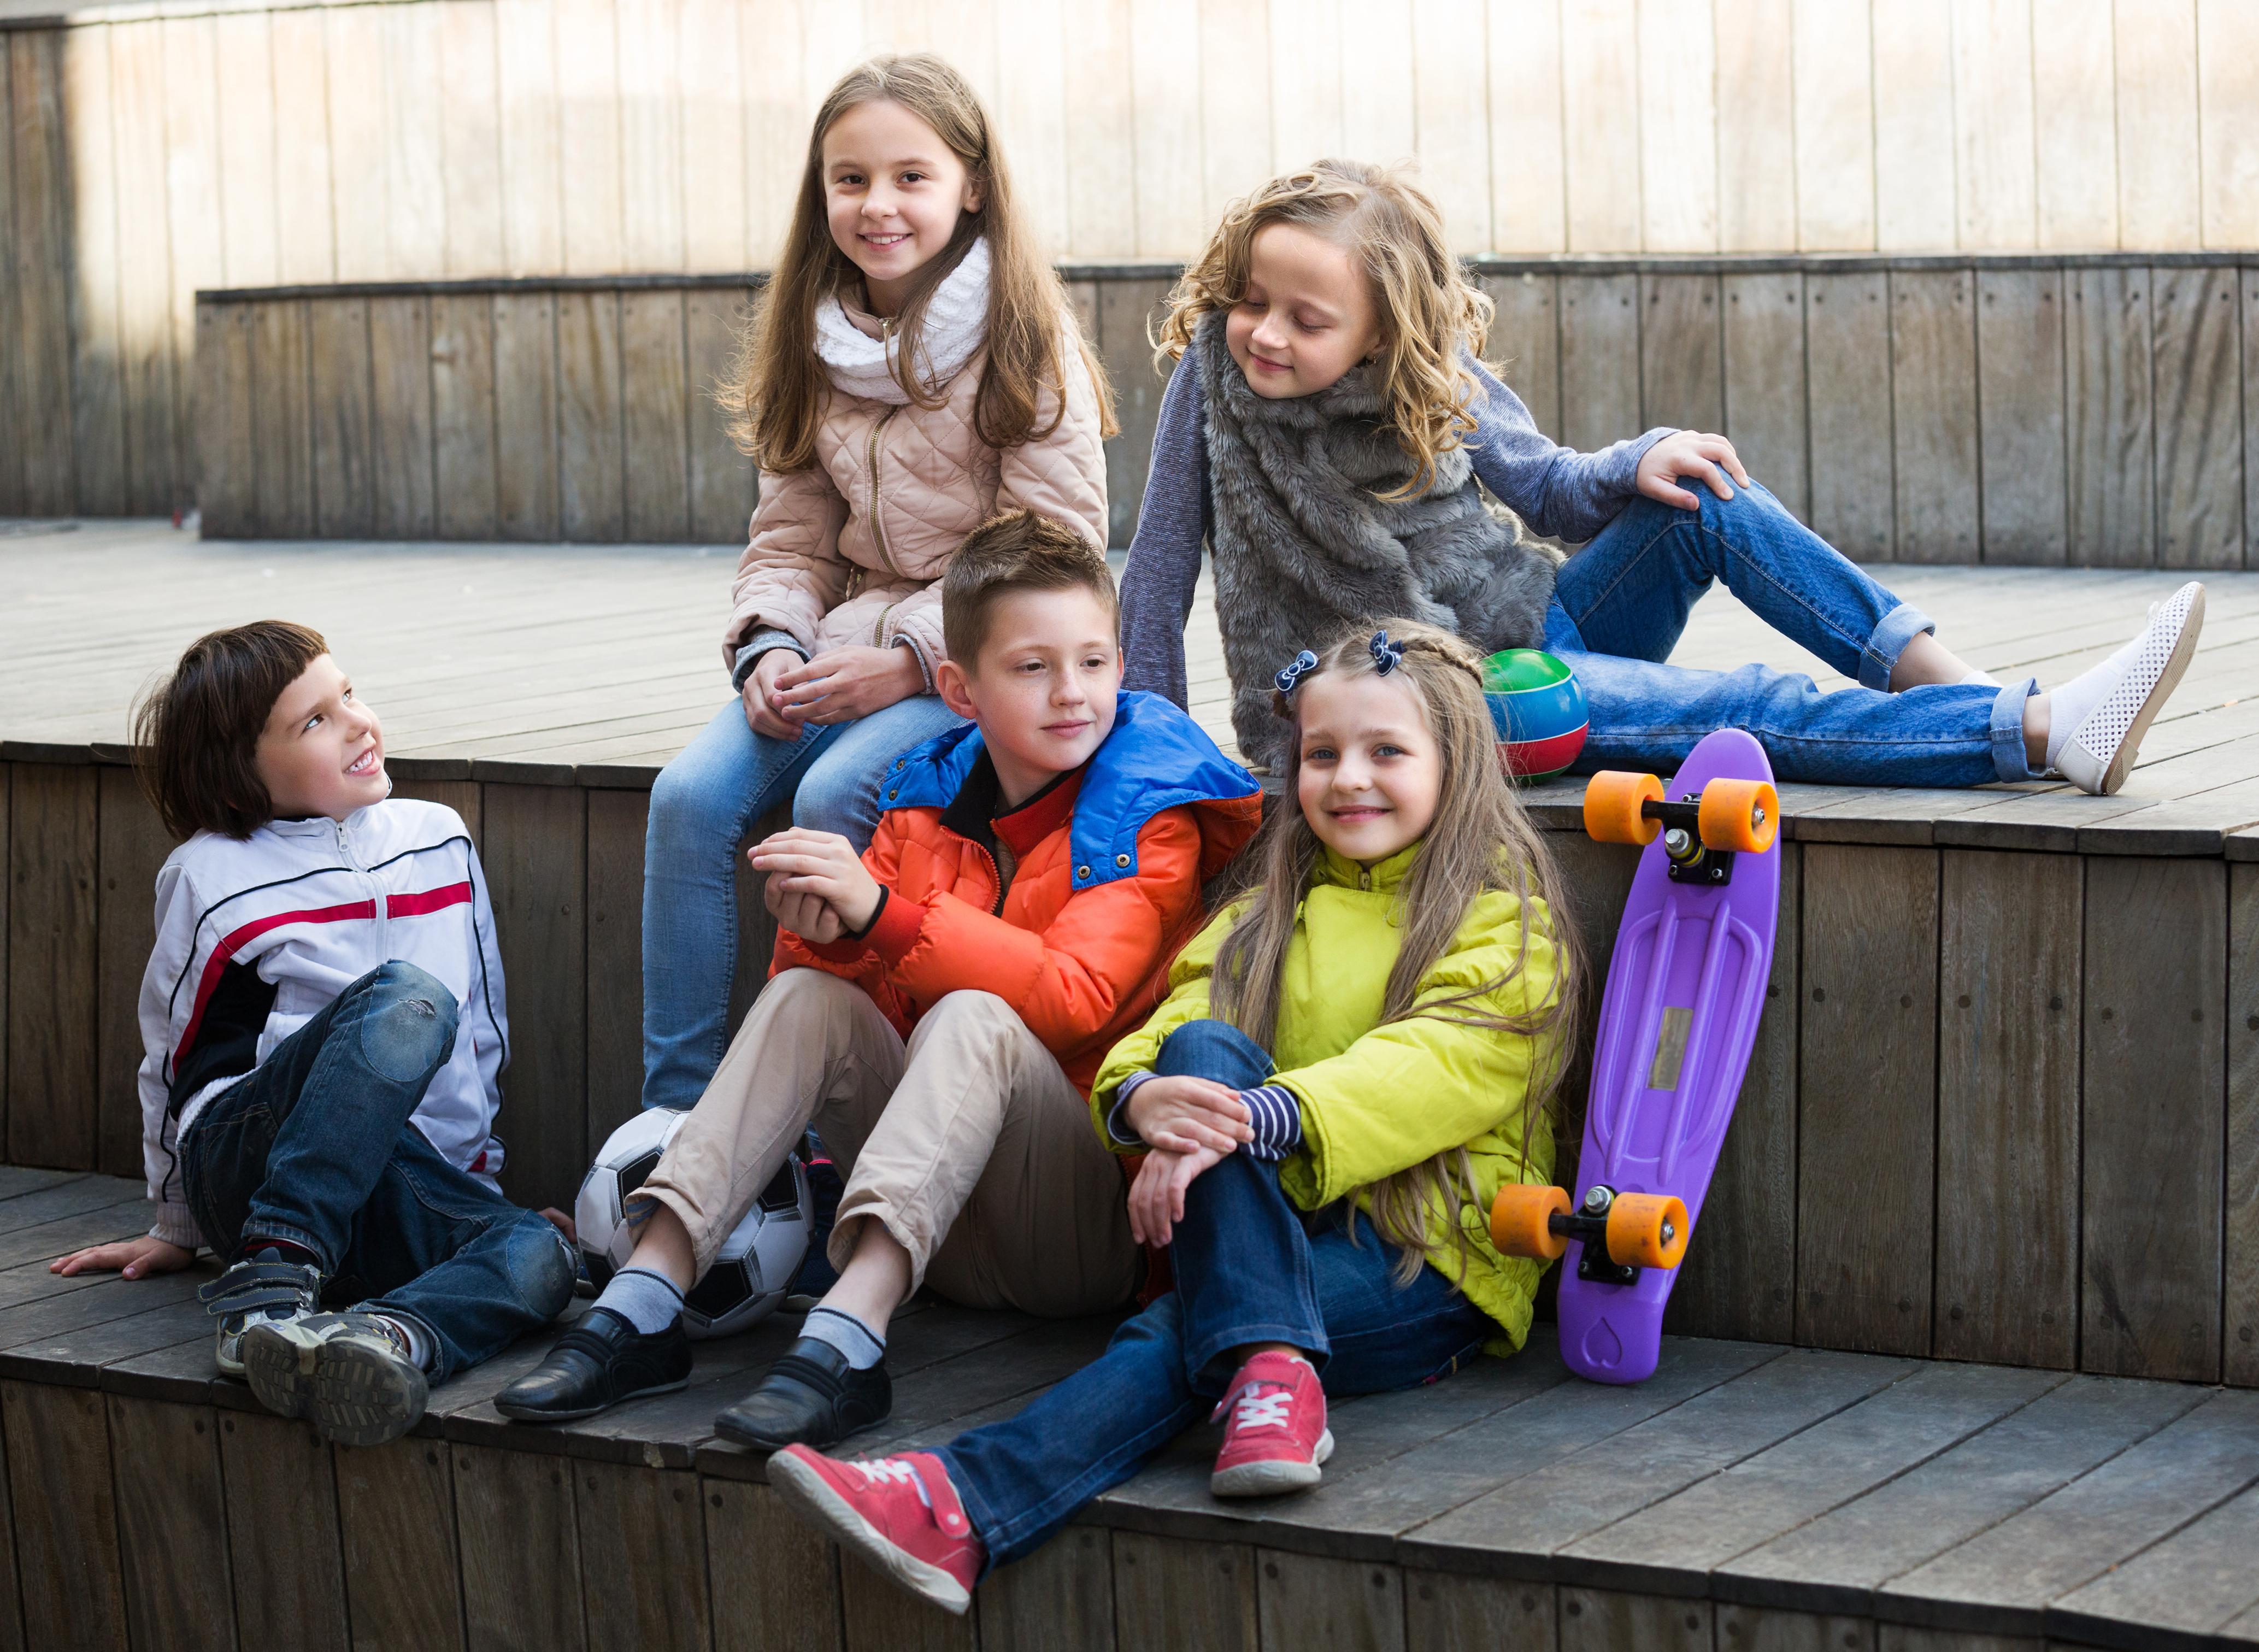 Med mindfulness tror forskarna att det kan gå att förebygga psykisk ohälsa hos barnen när de växer upp.